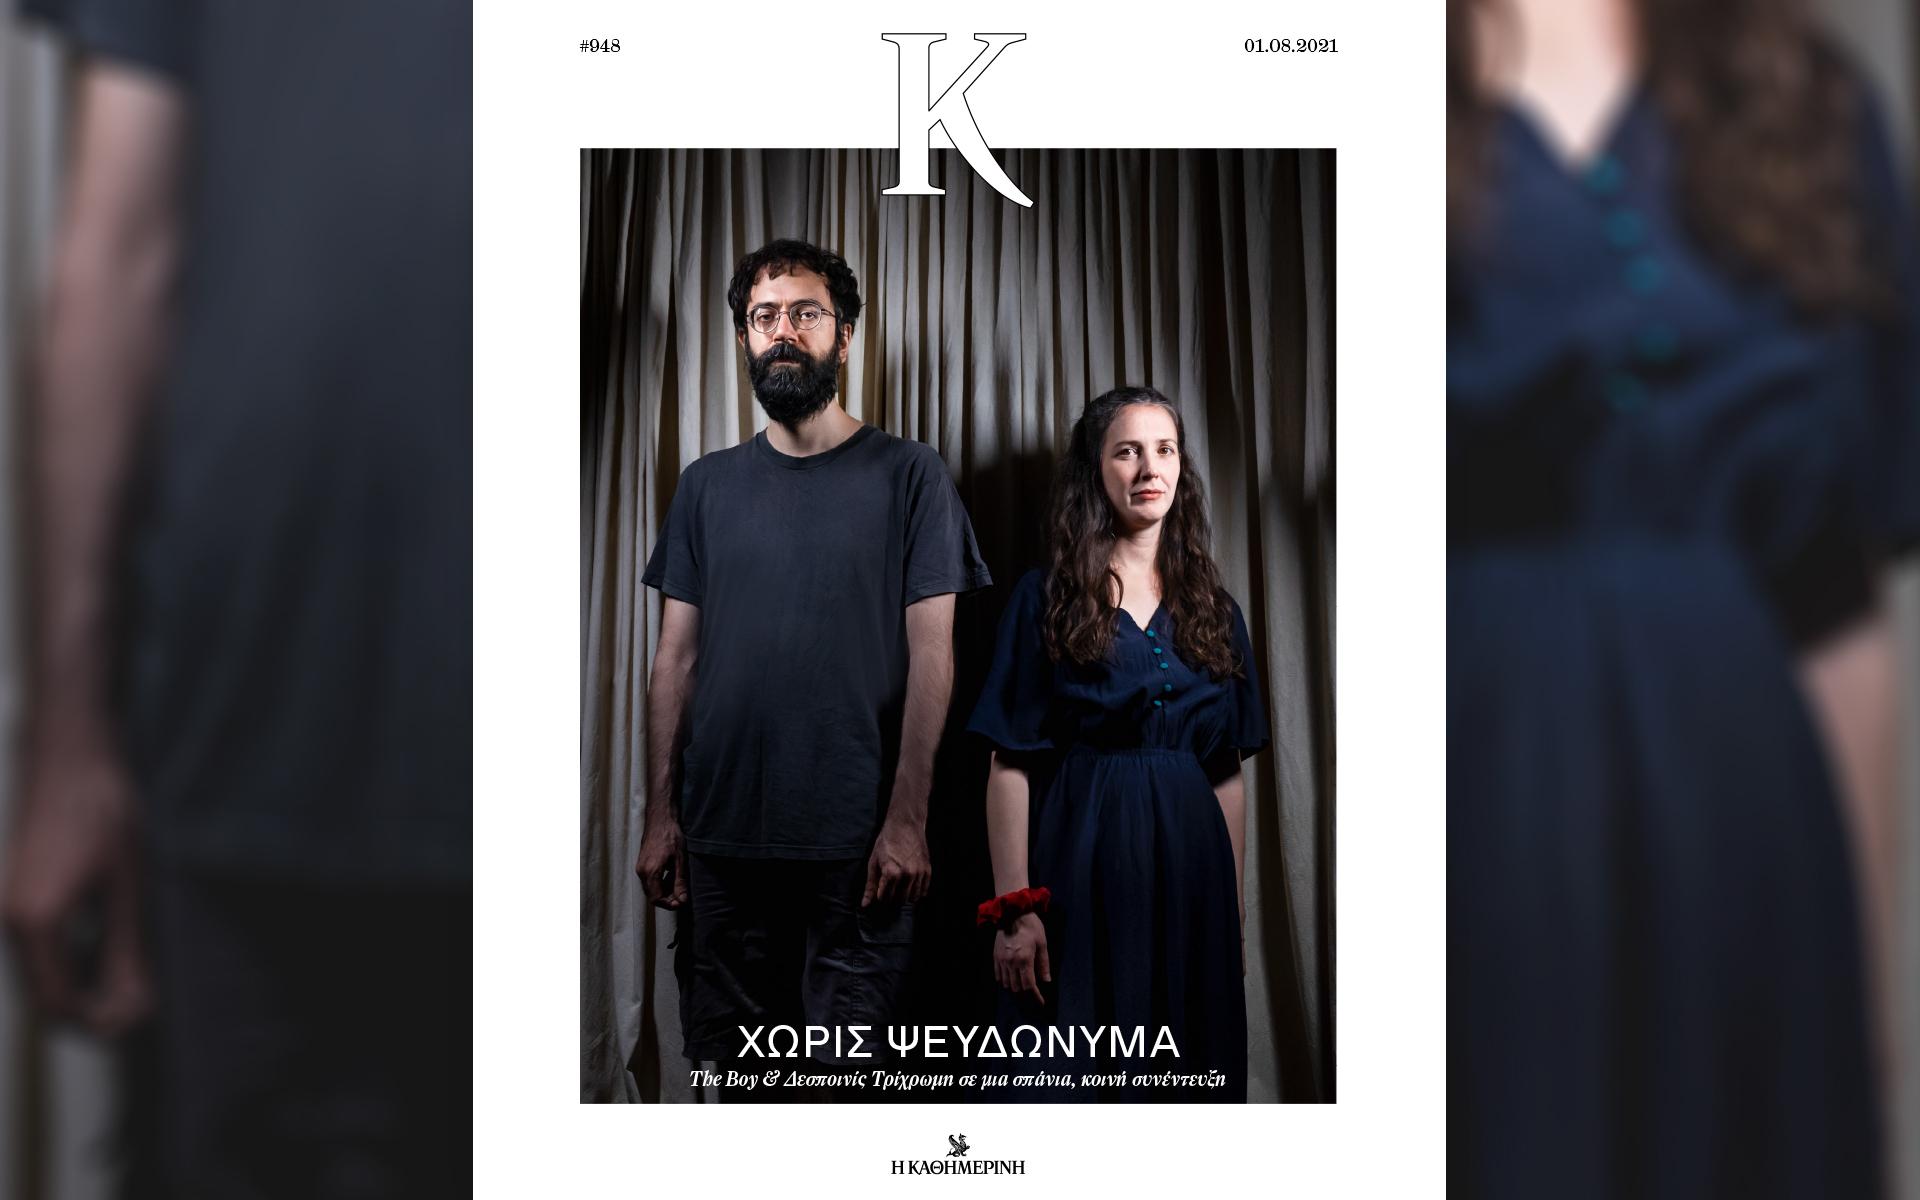 ayti-tin-kyriaki-me-tin-kathimerini-4-trochoi-disney-romano-scarpa-k5